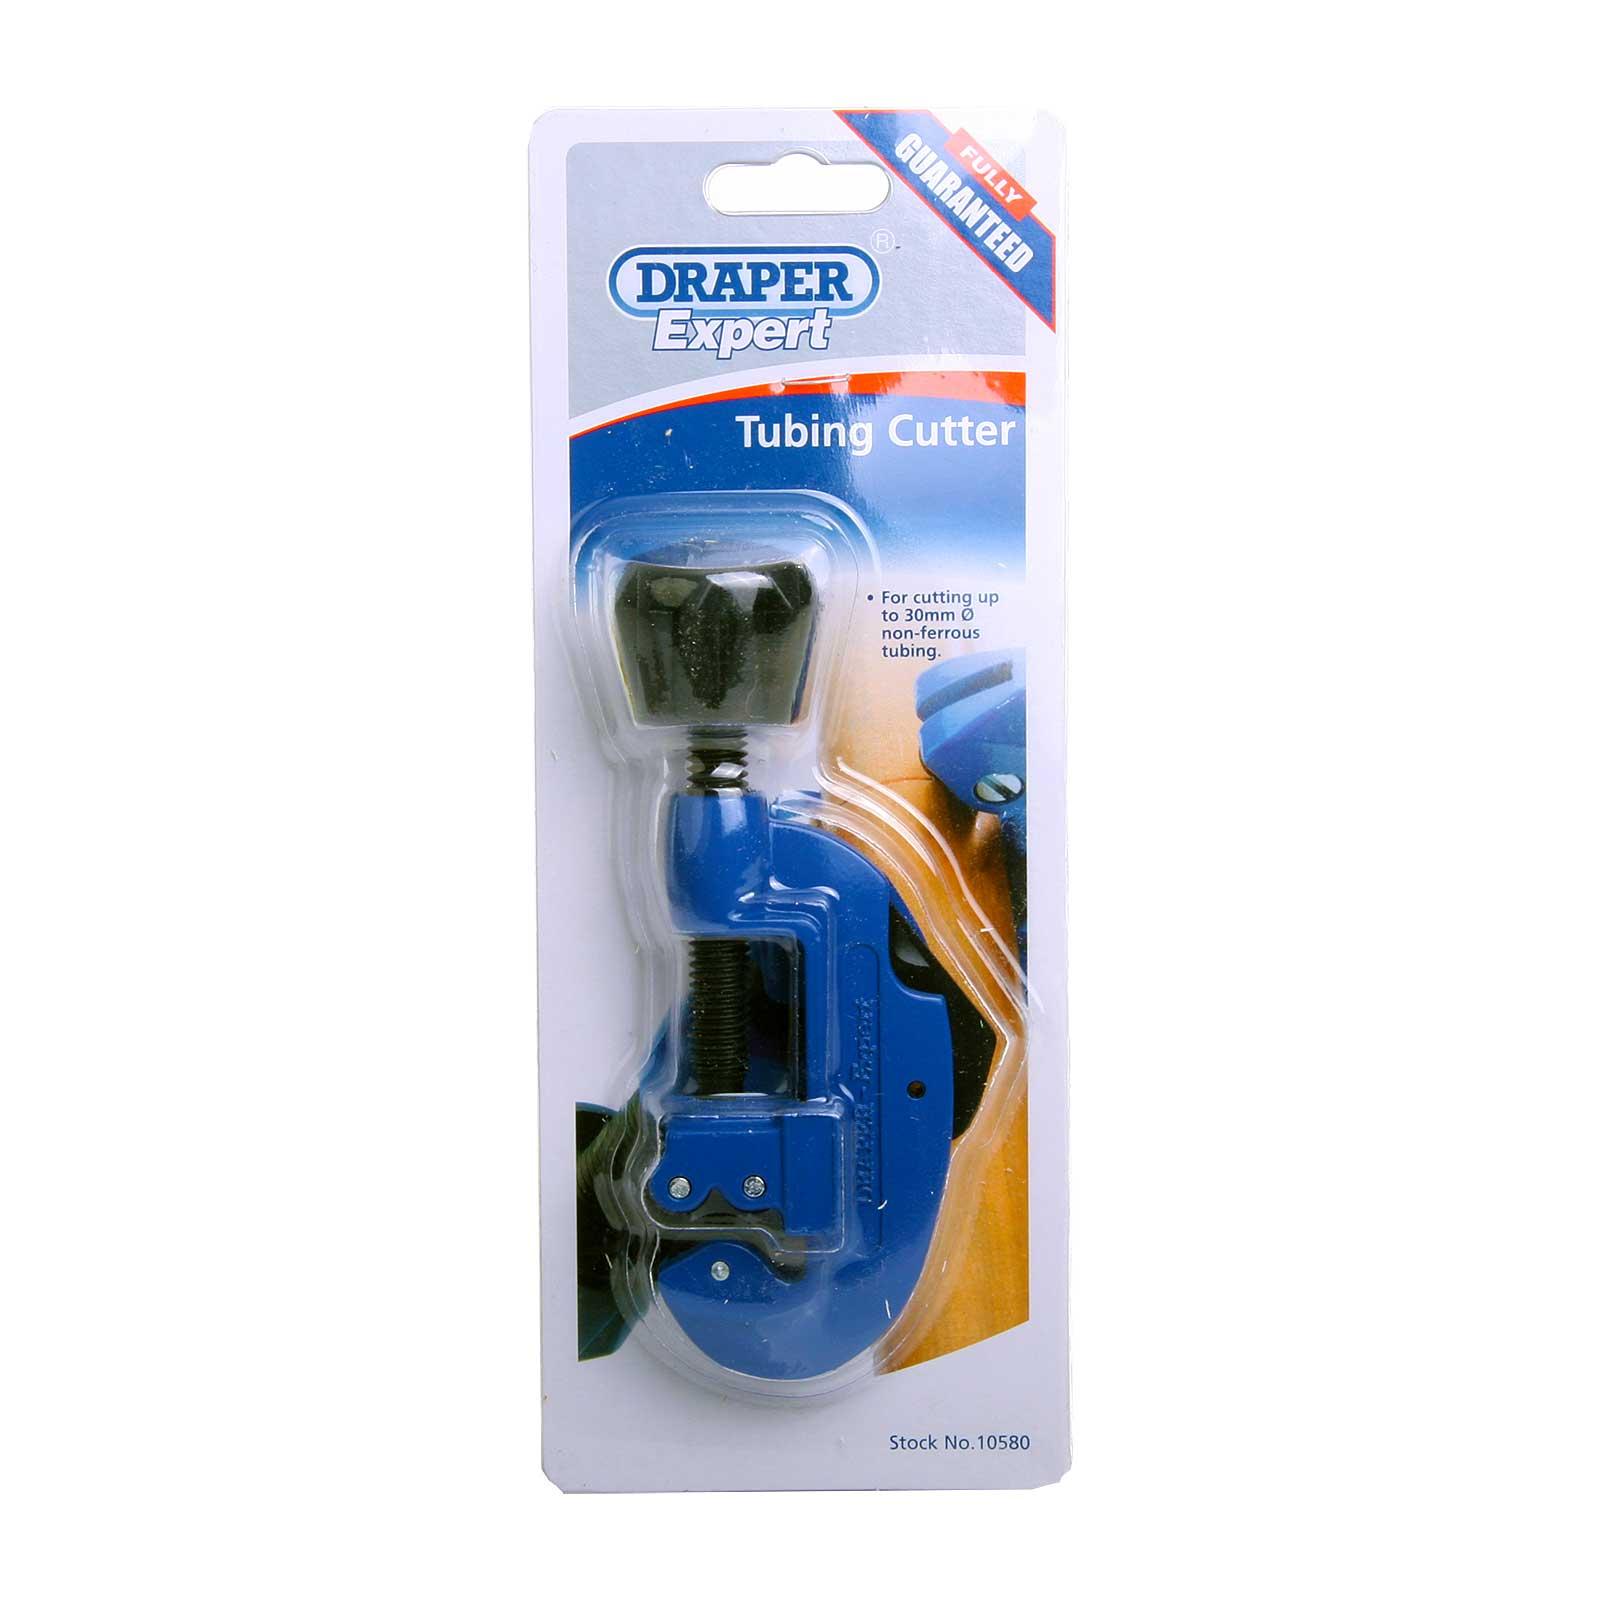 Benchmark Box Cutter Home Hardware